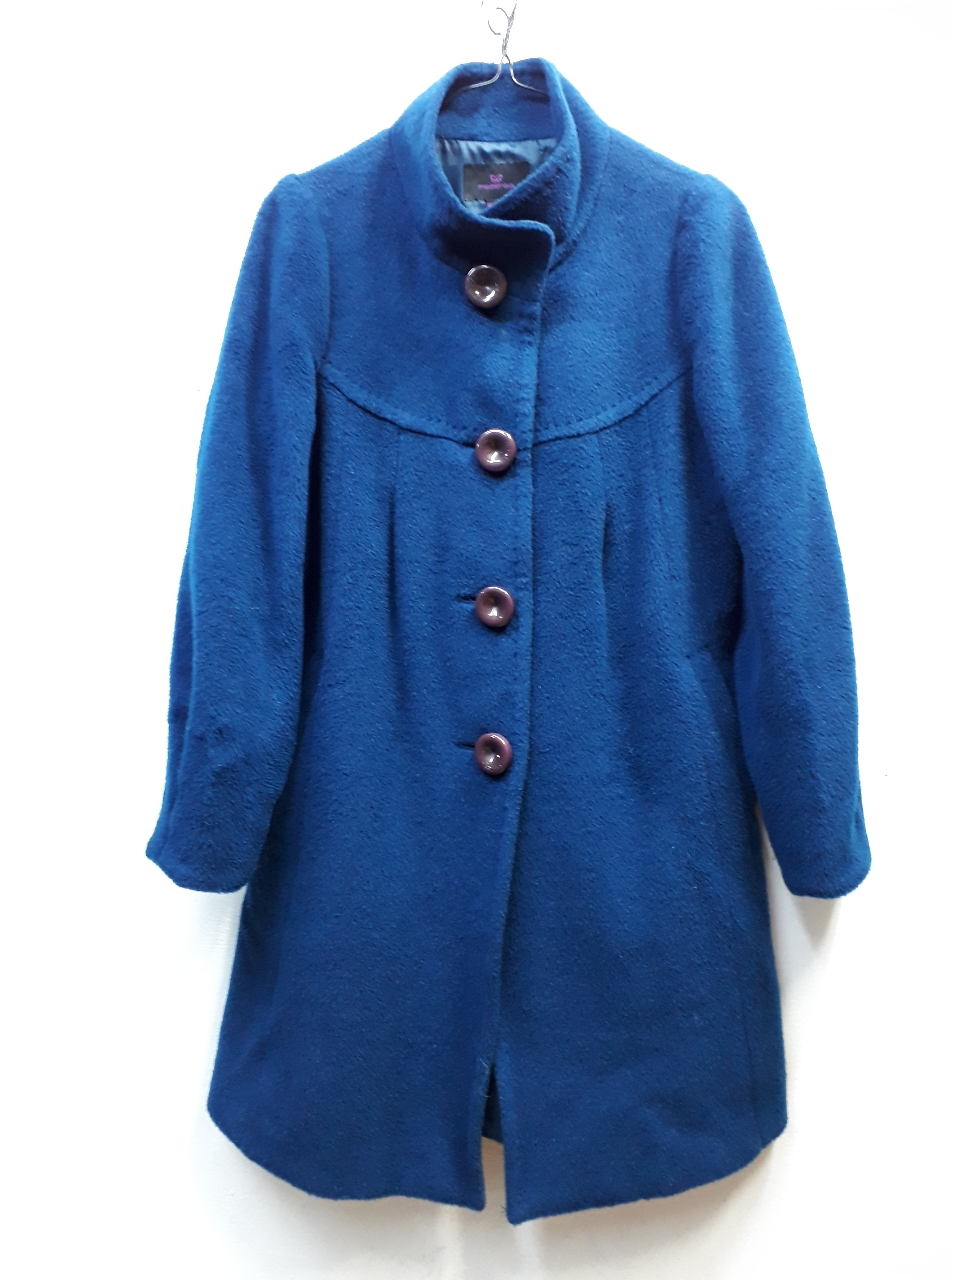 (55-66)미센스 울소재 알파카함유 코트